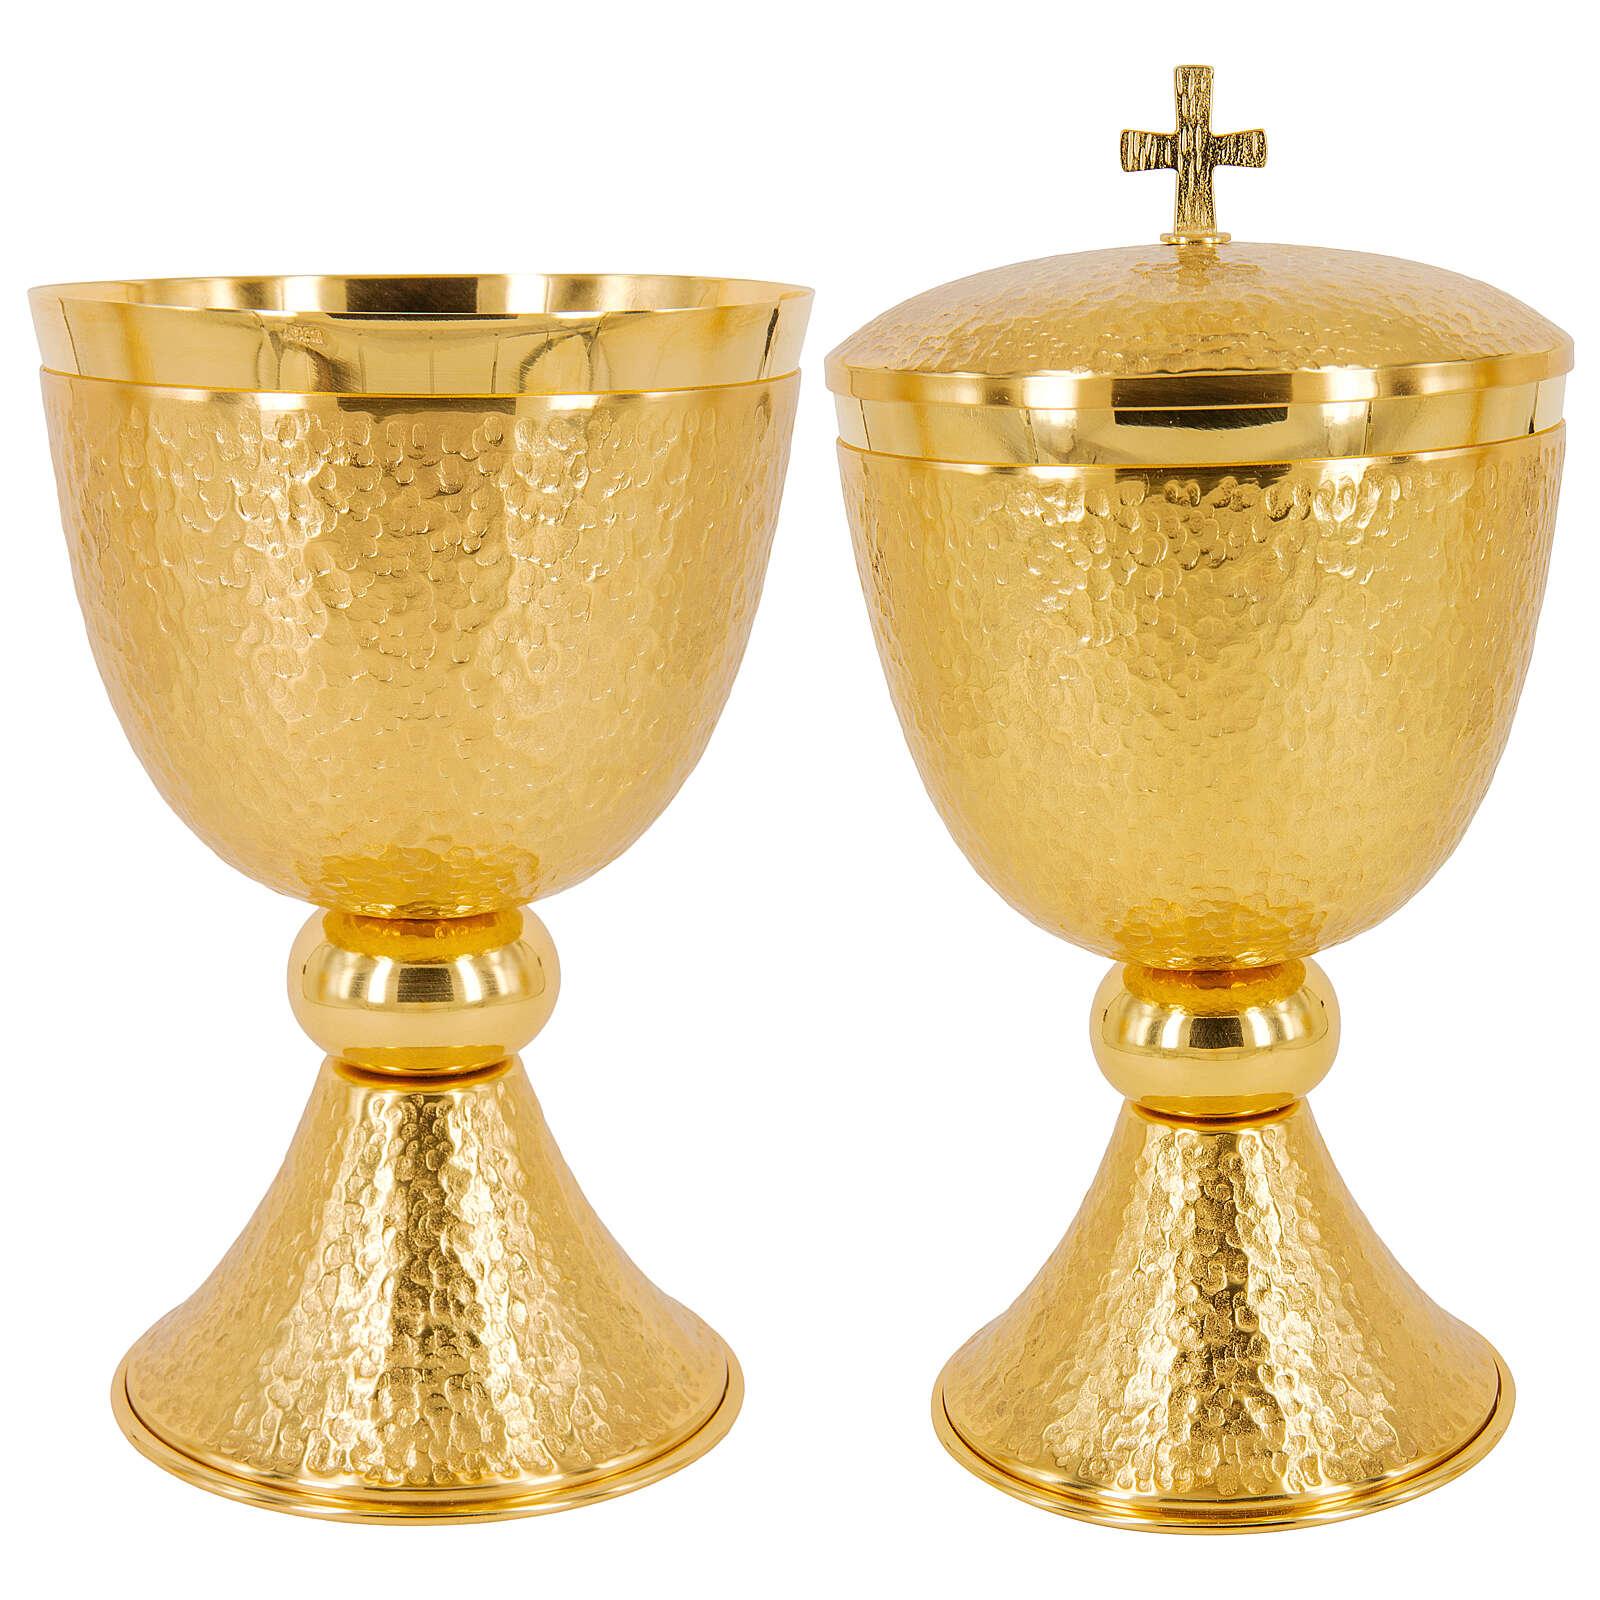 Calice ciboire patène eucharistique martelés laiton doré 24K 4